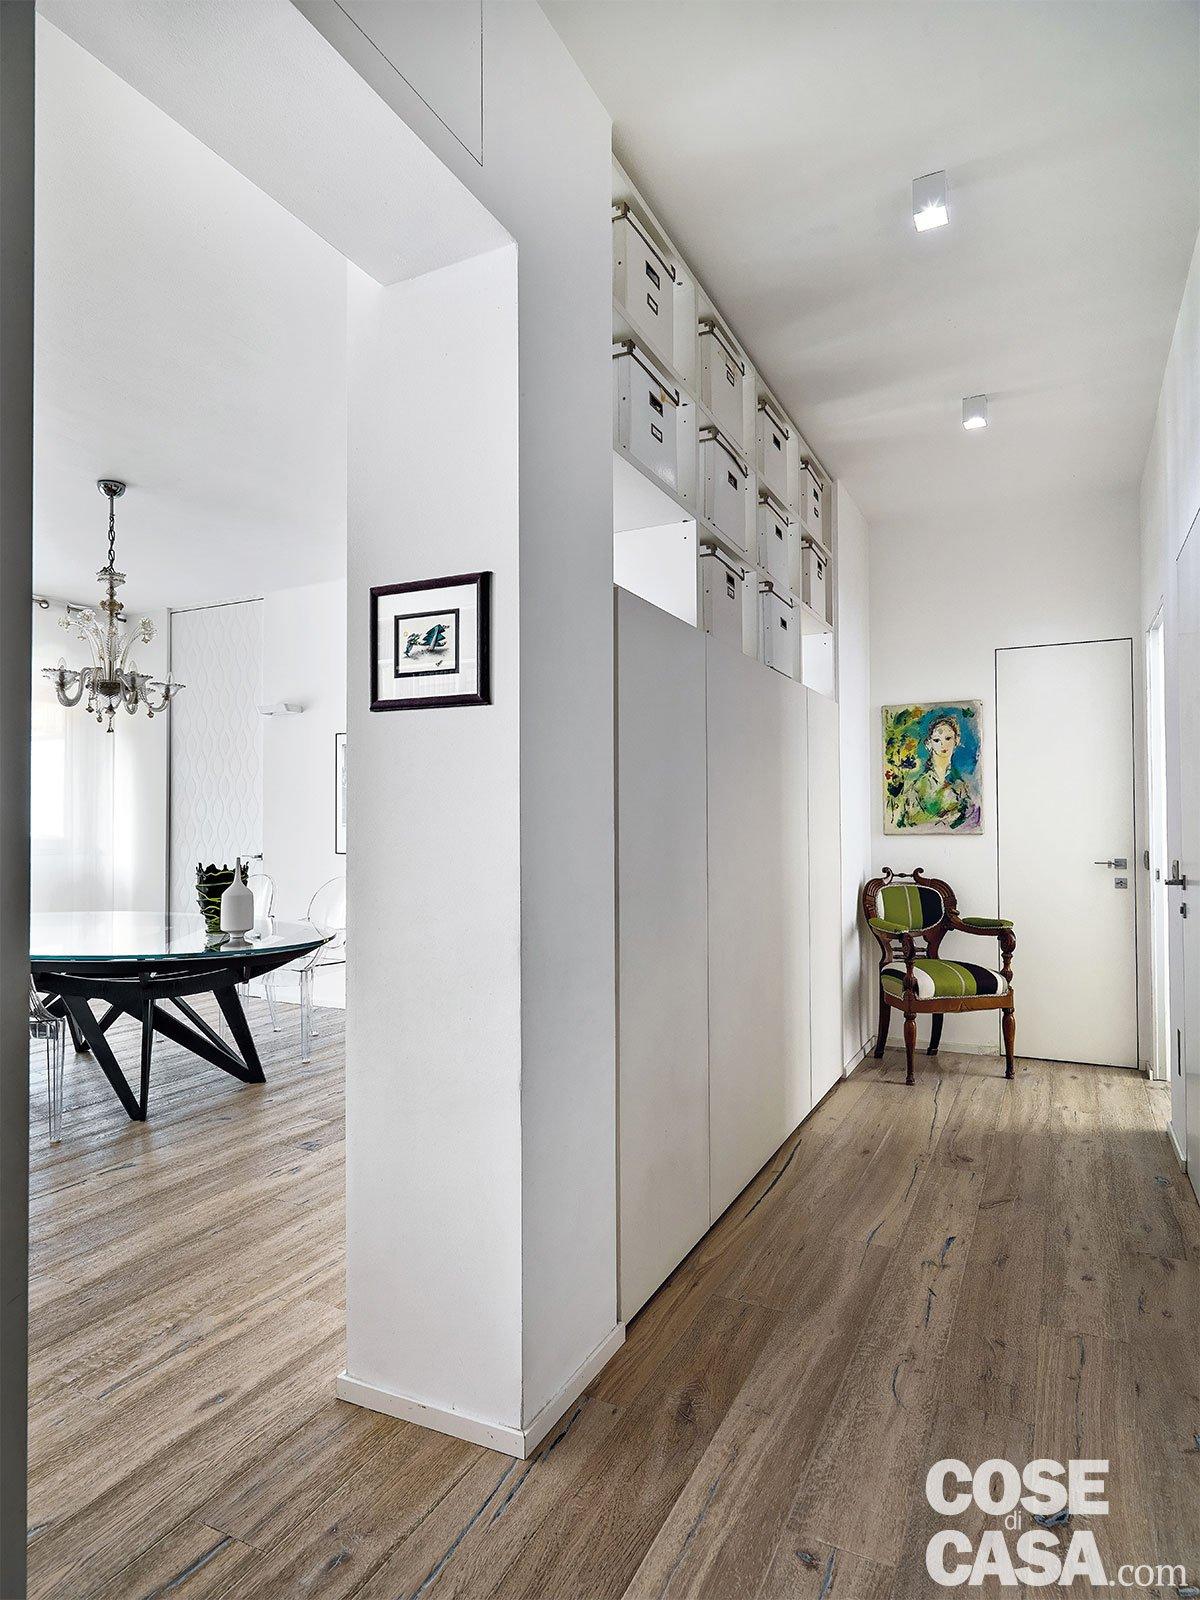 150 mq tutti da copiare dalla divisione soggiorno cucina - Quanto si da di caparra per acquisto casa ...